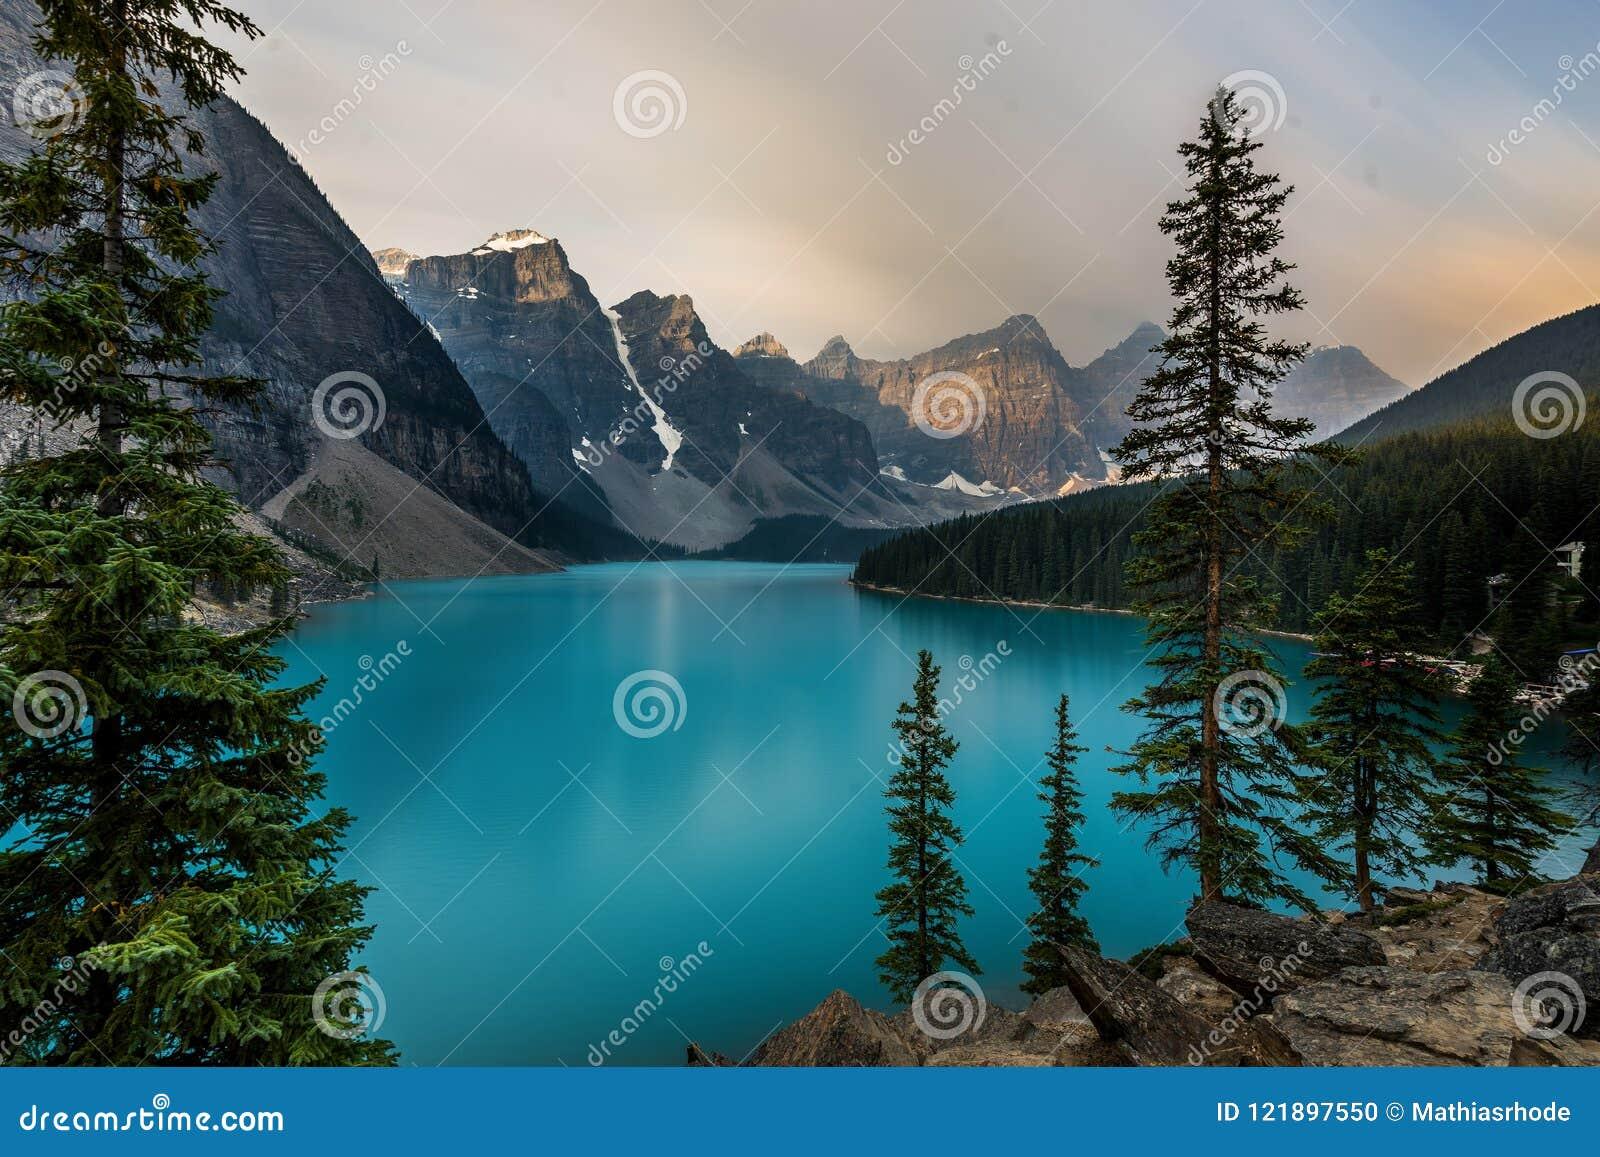 Sonnenaufgang mit Türkiswasser des Moraine Sees mit Sünde beleuchtete felsige Berge in Nationalpark Banffs von Kanada herein